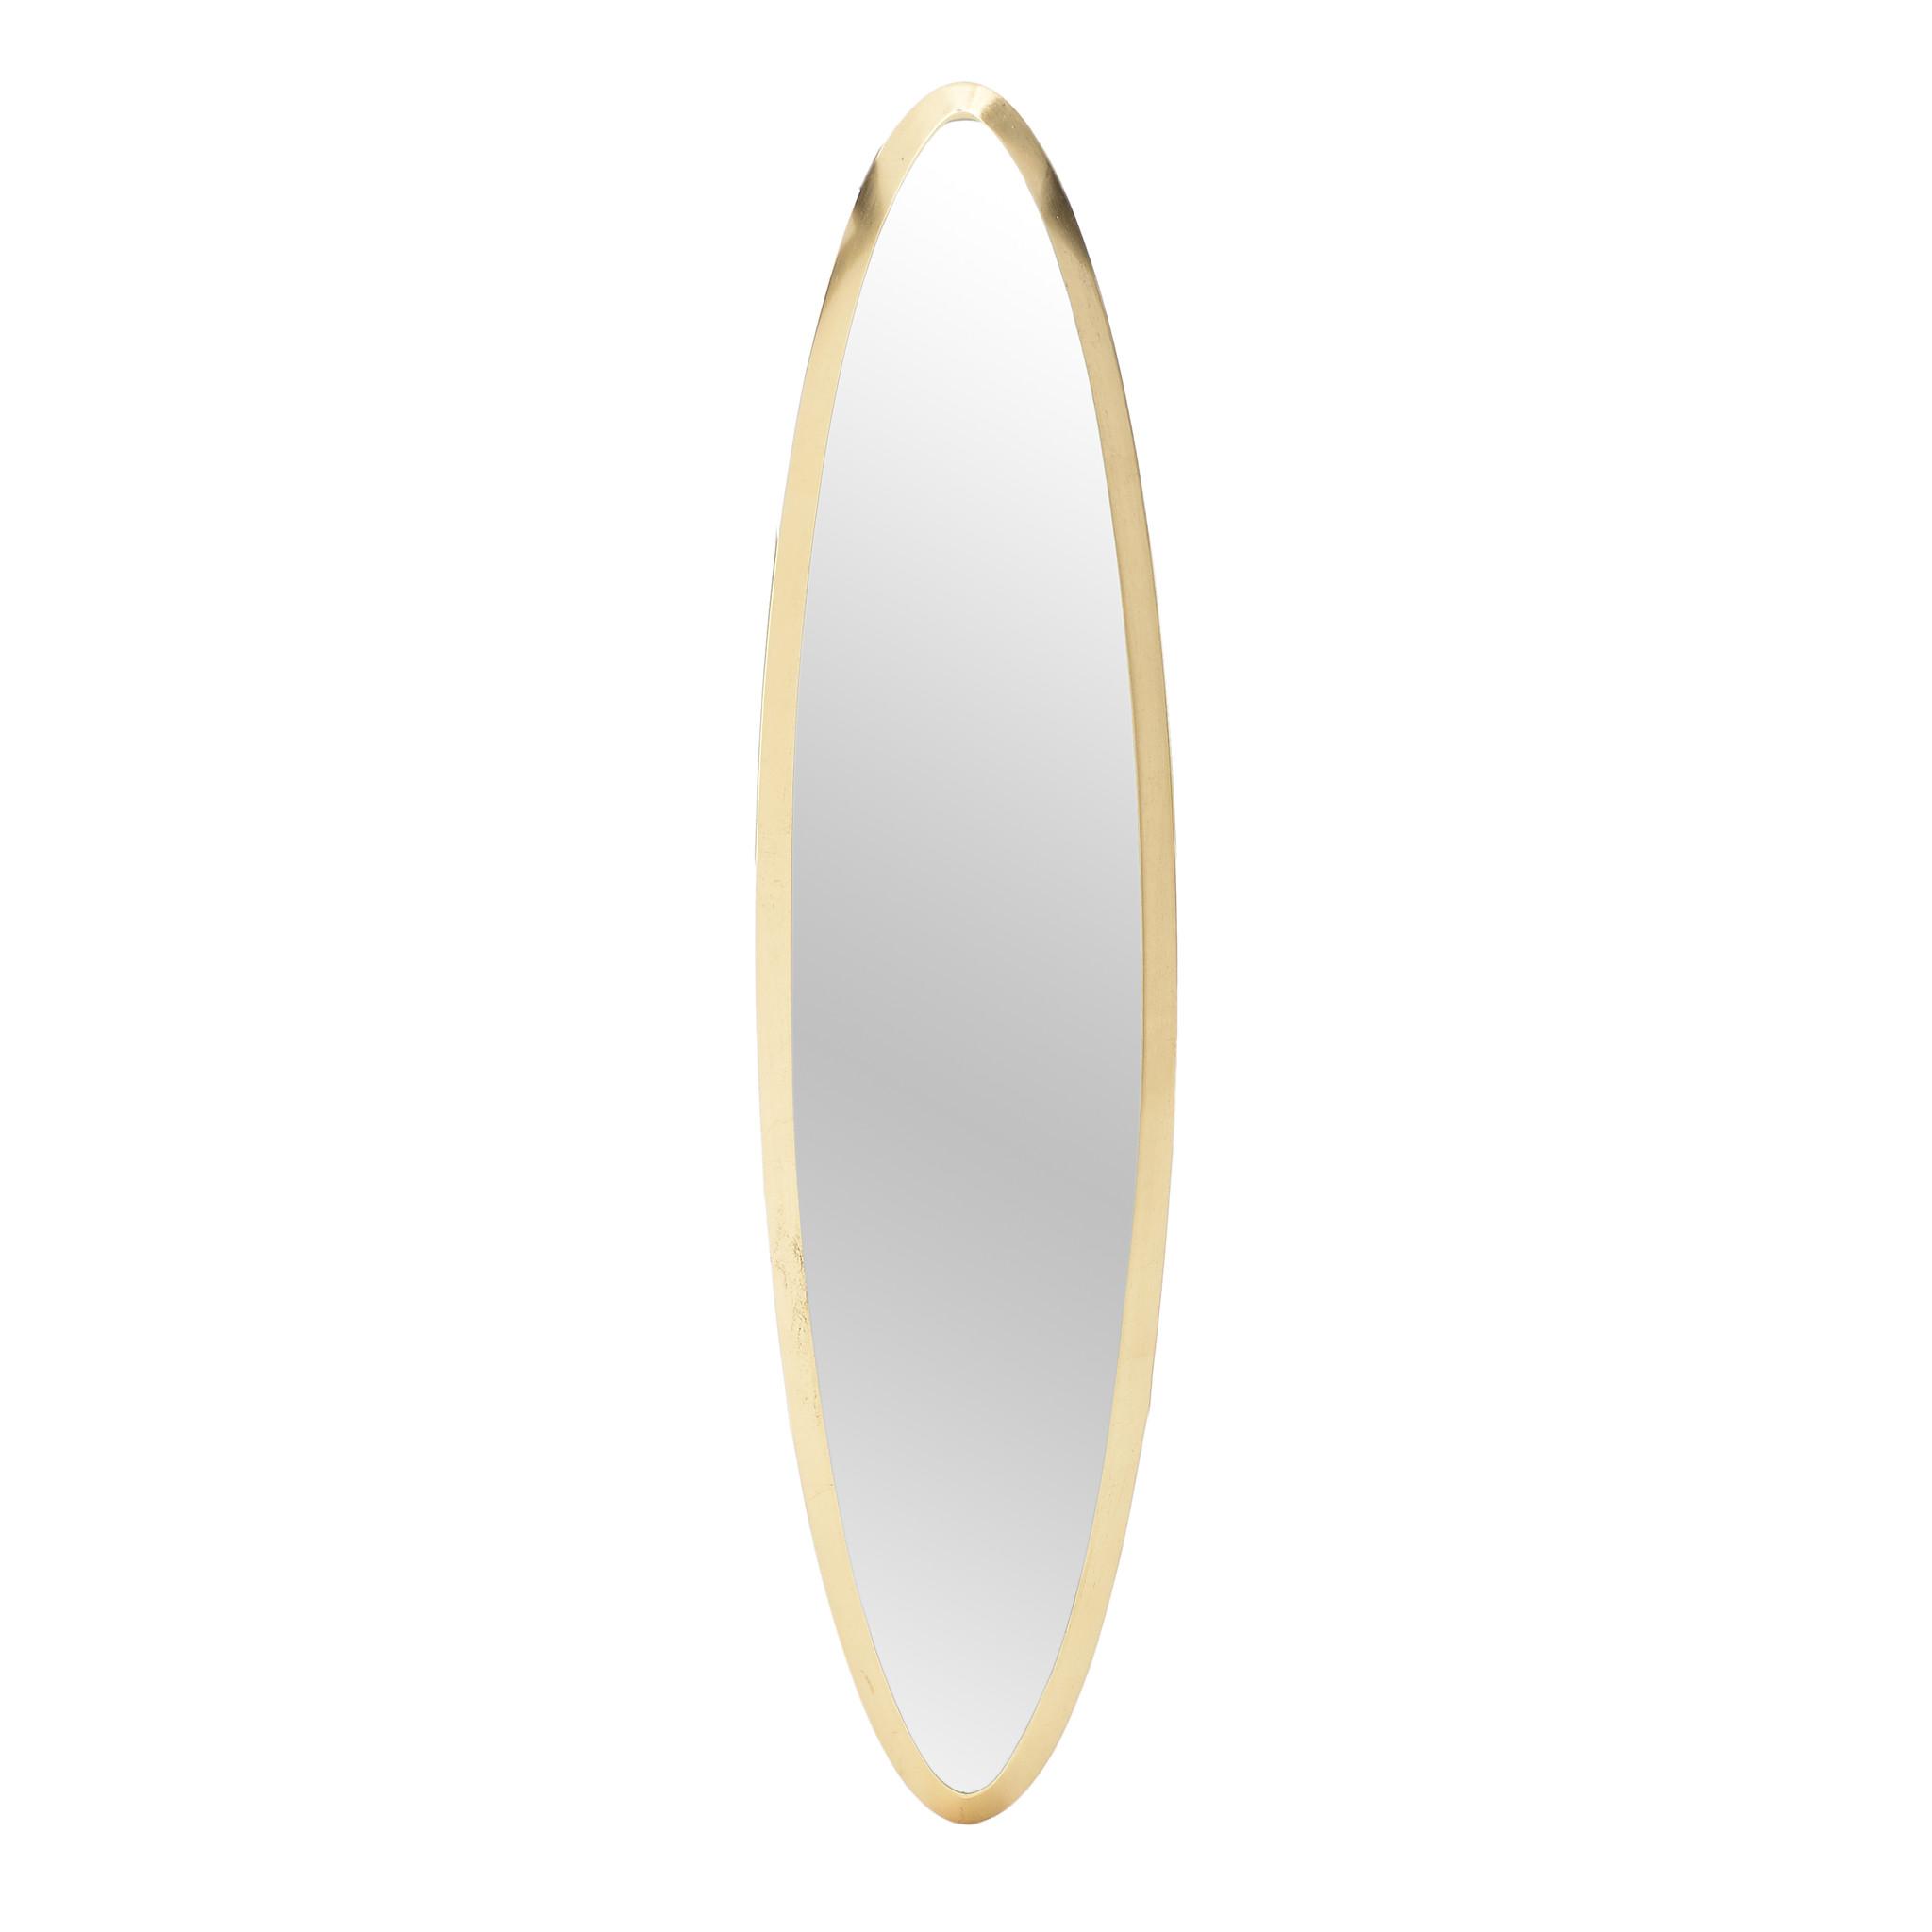 Купить Настенное зеркало в раме из дерева золотого цвета, inmyroom, Греция